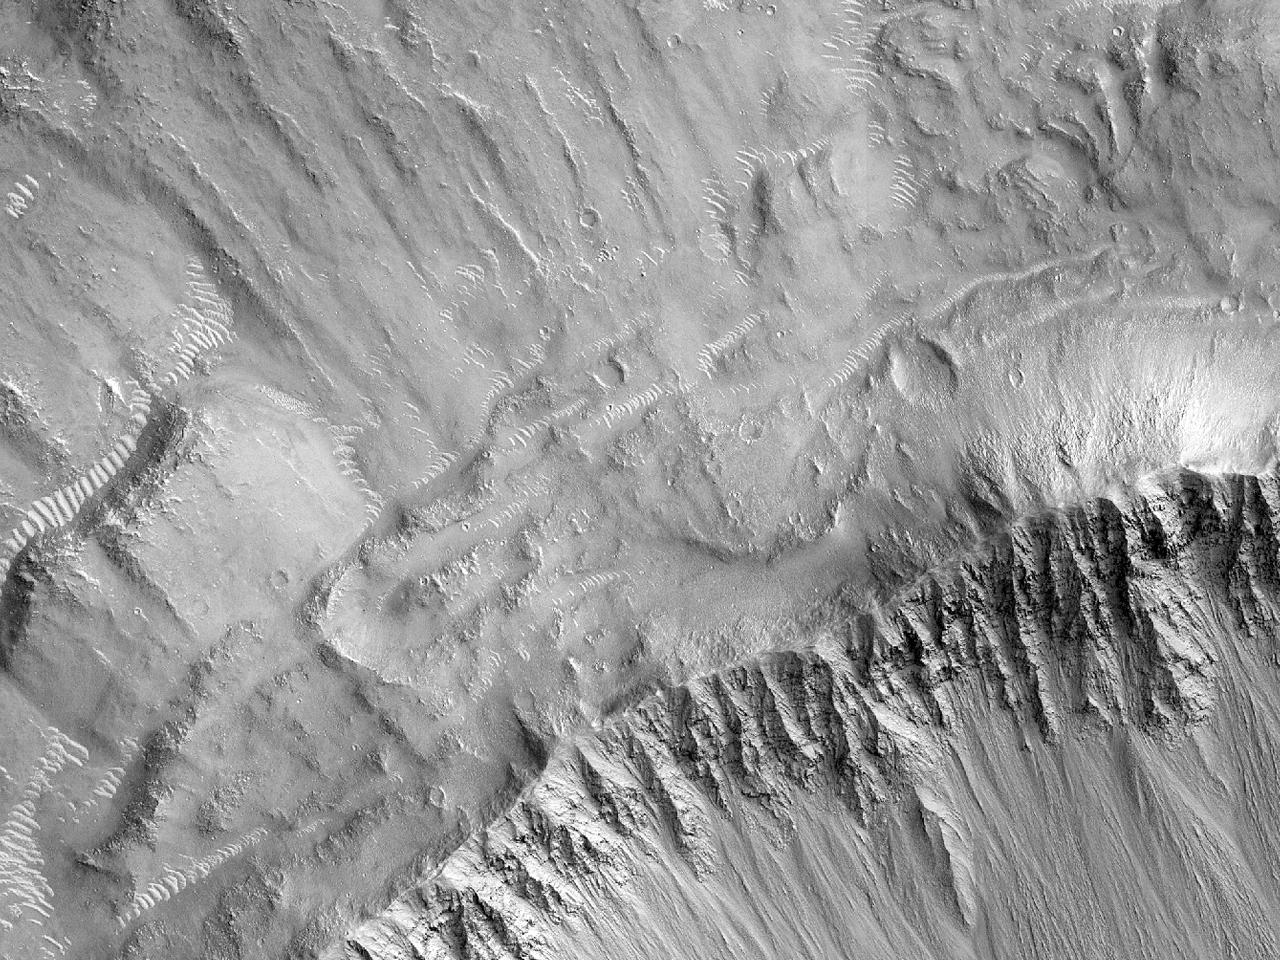 Nedslagskrater og tykke utstøtninger nord for Hephaestus Rupes